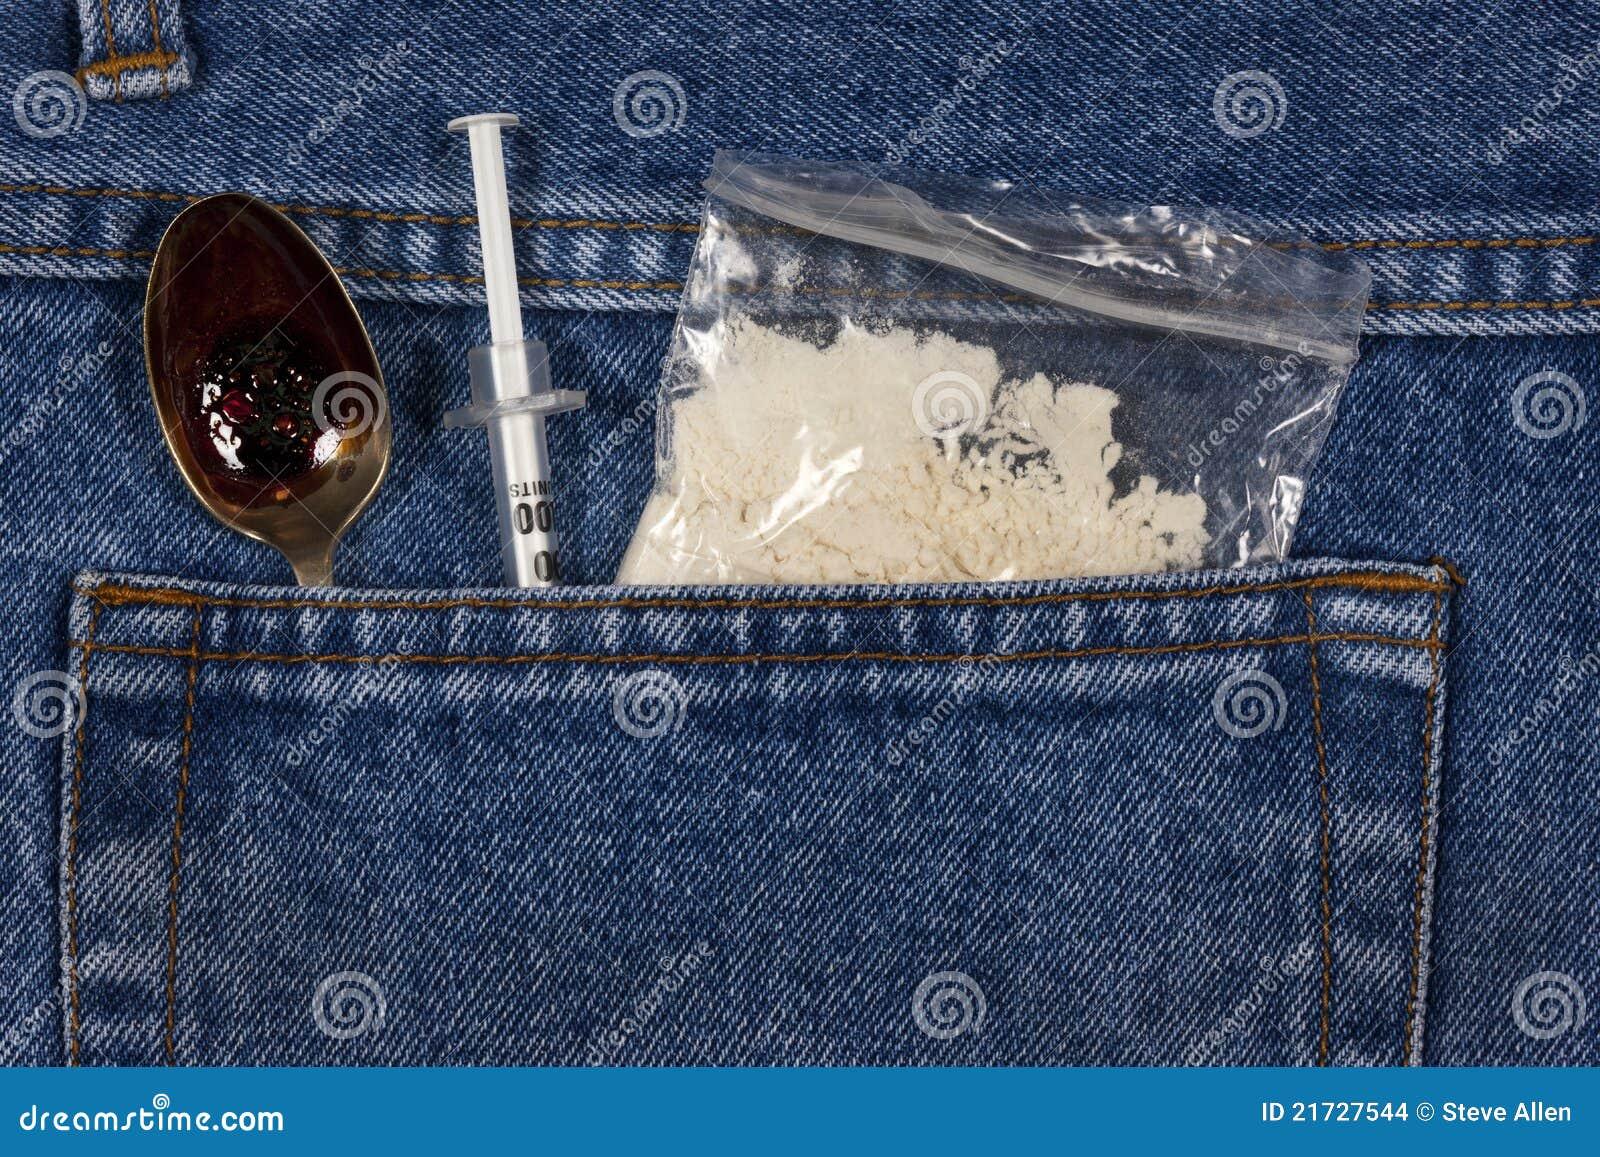 Kokain - Drogenmissbrauch